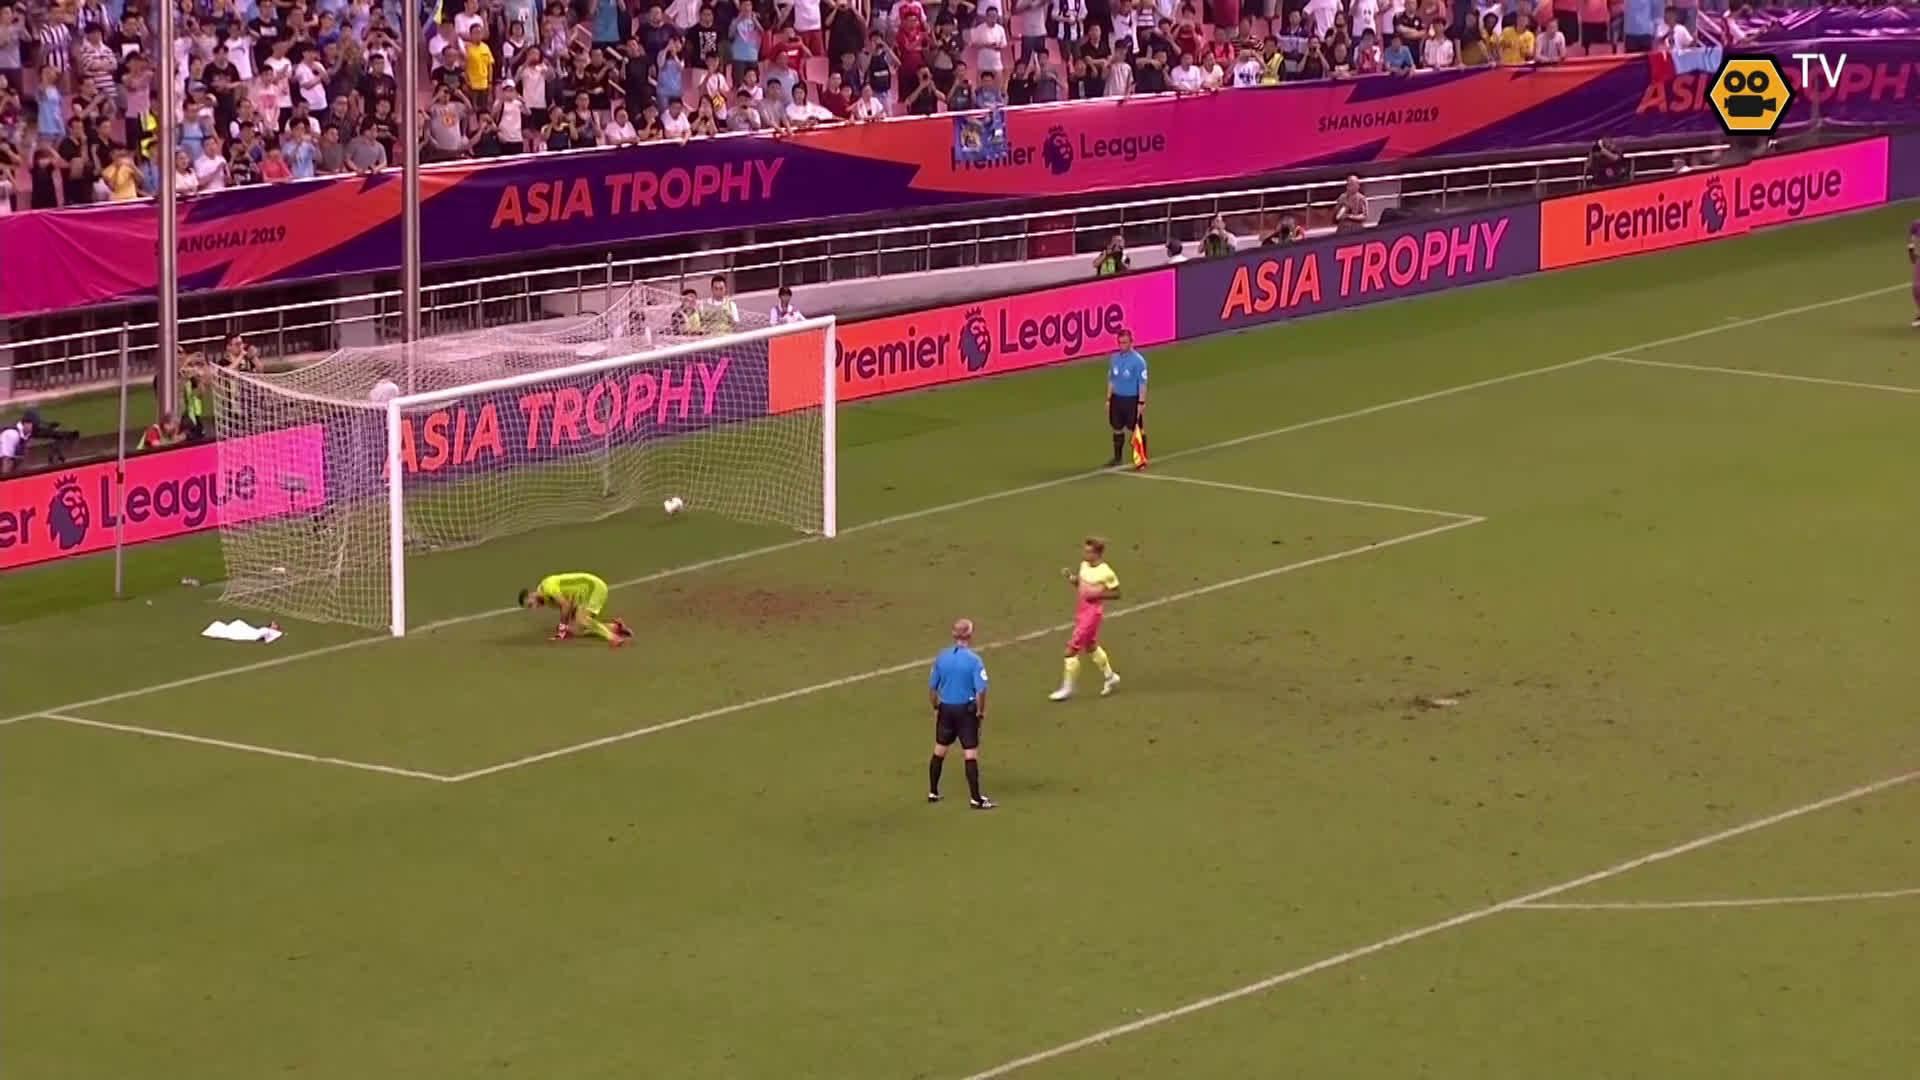 去年的今天,在上海举行的英超亚洲杯决赛……